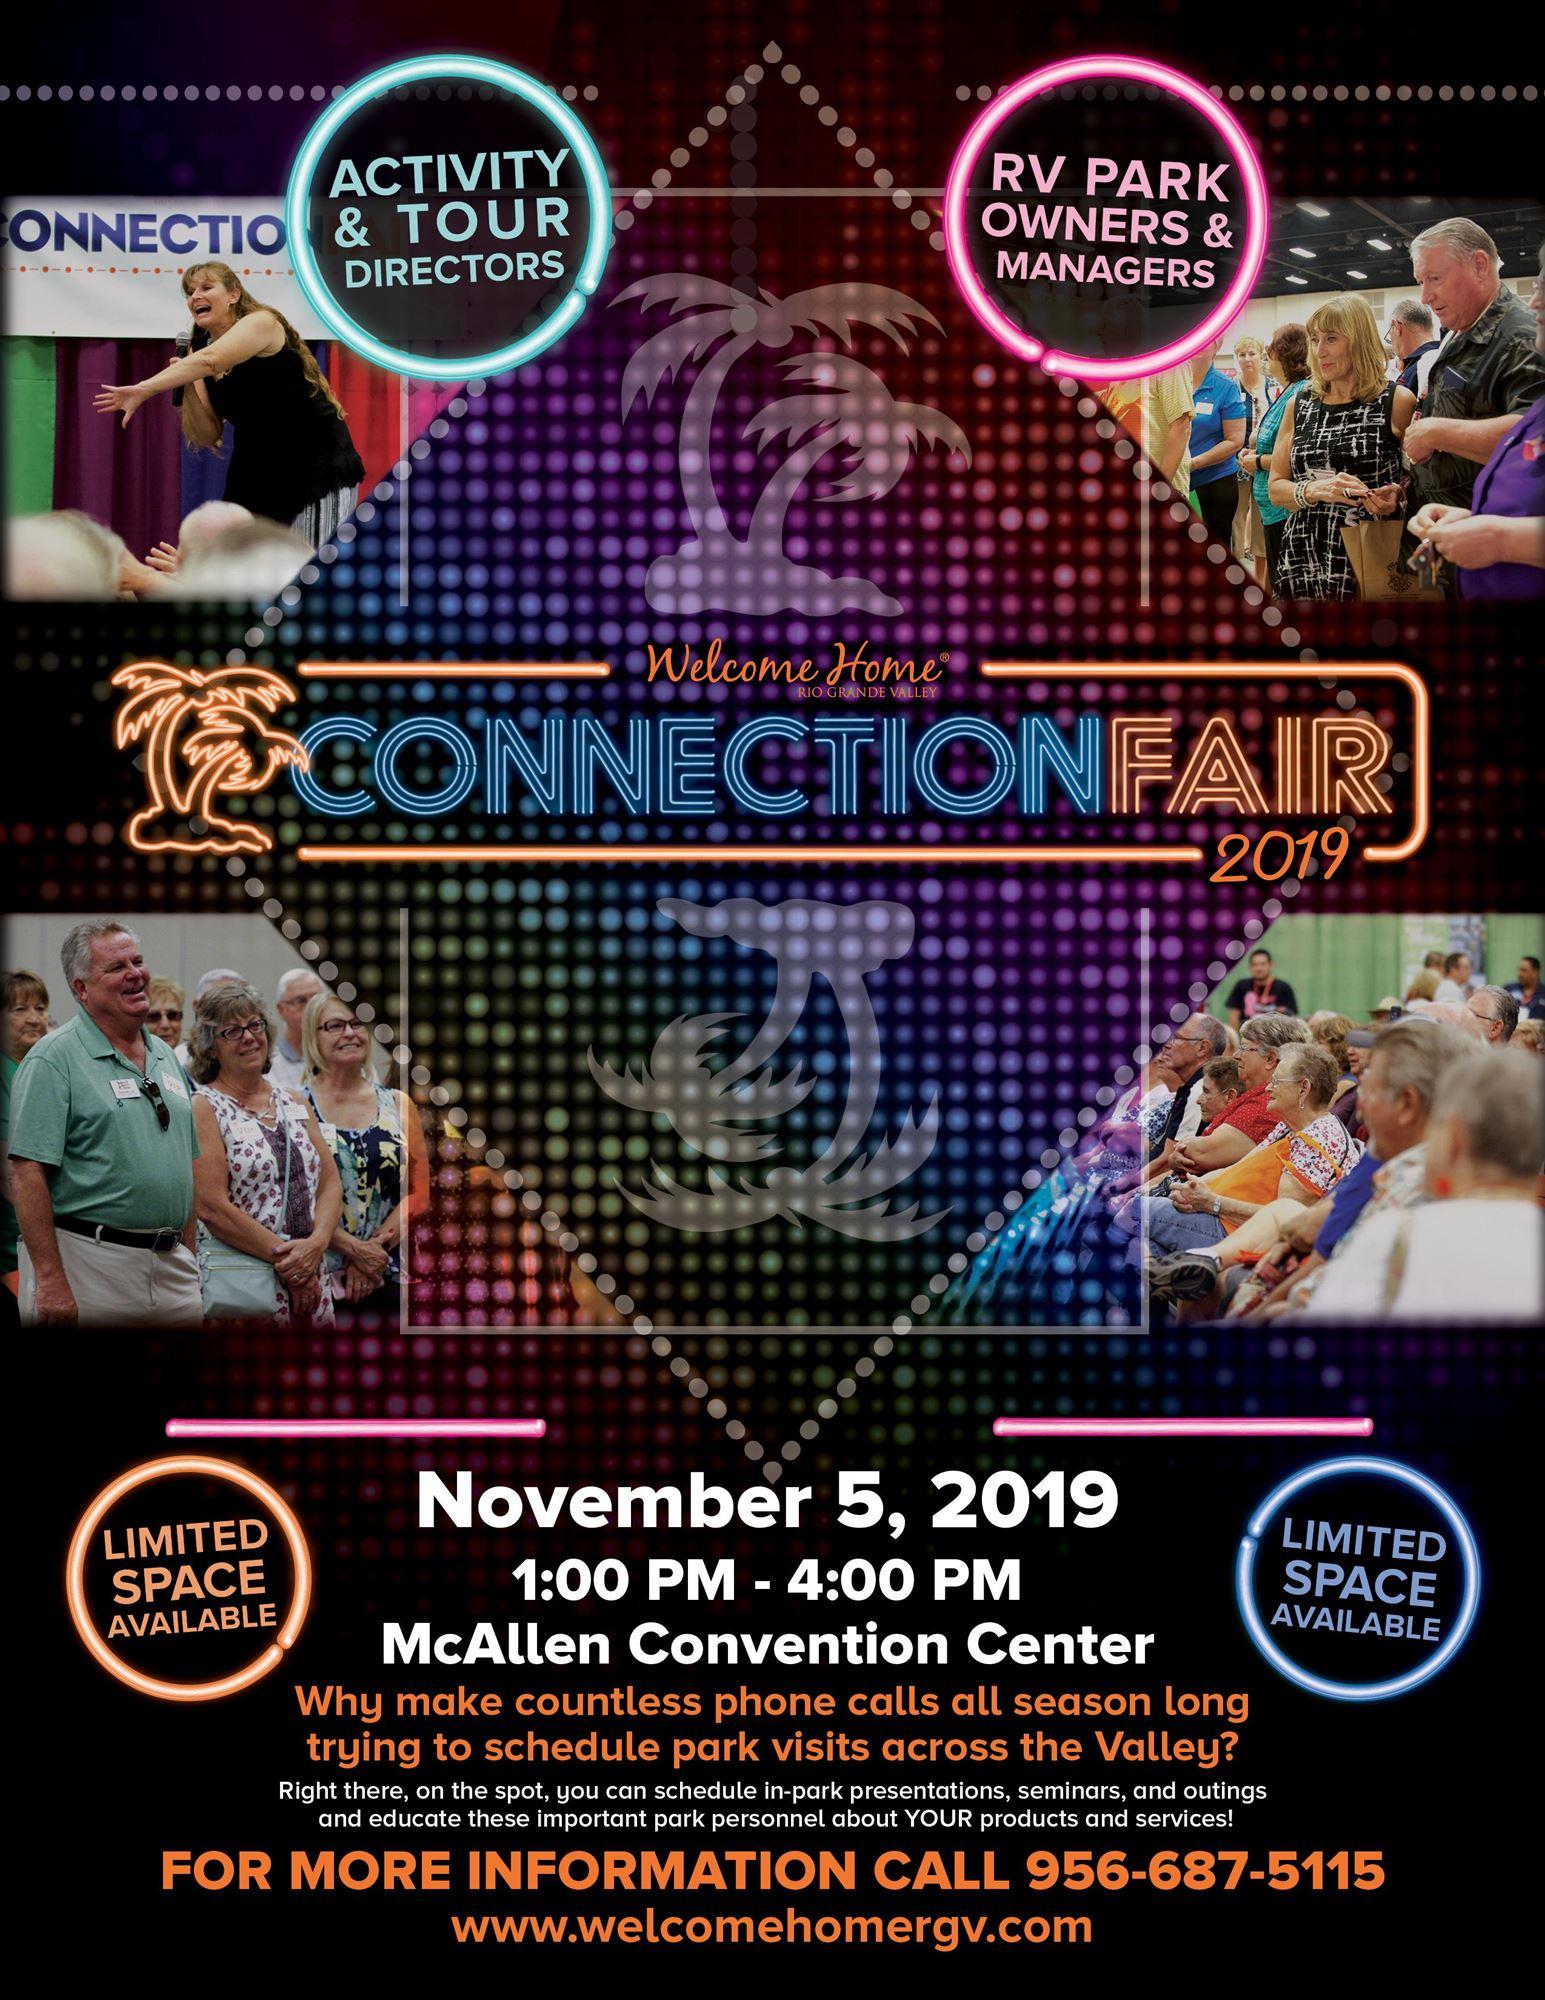 Connection Fair